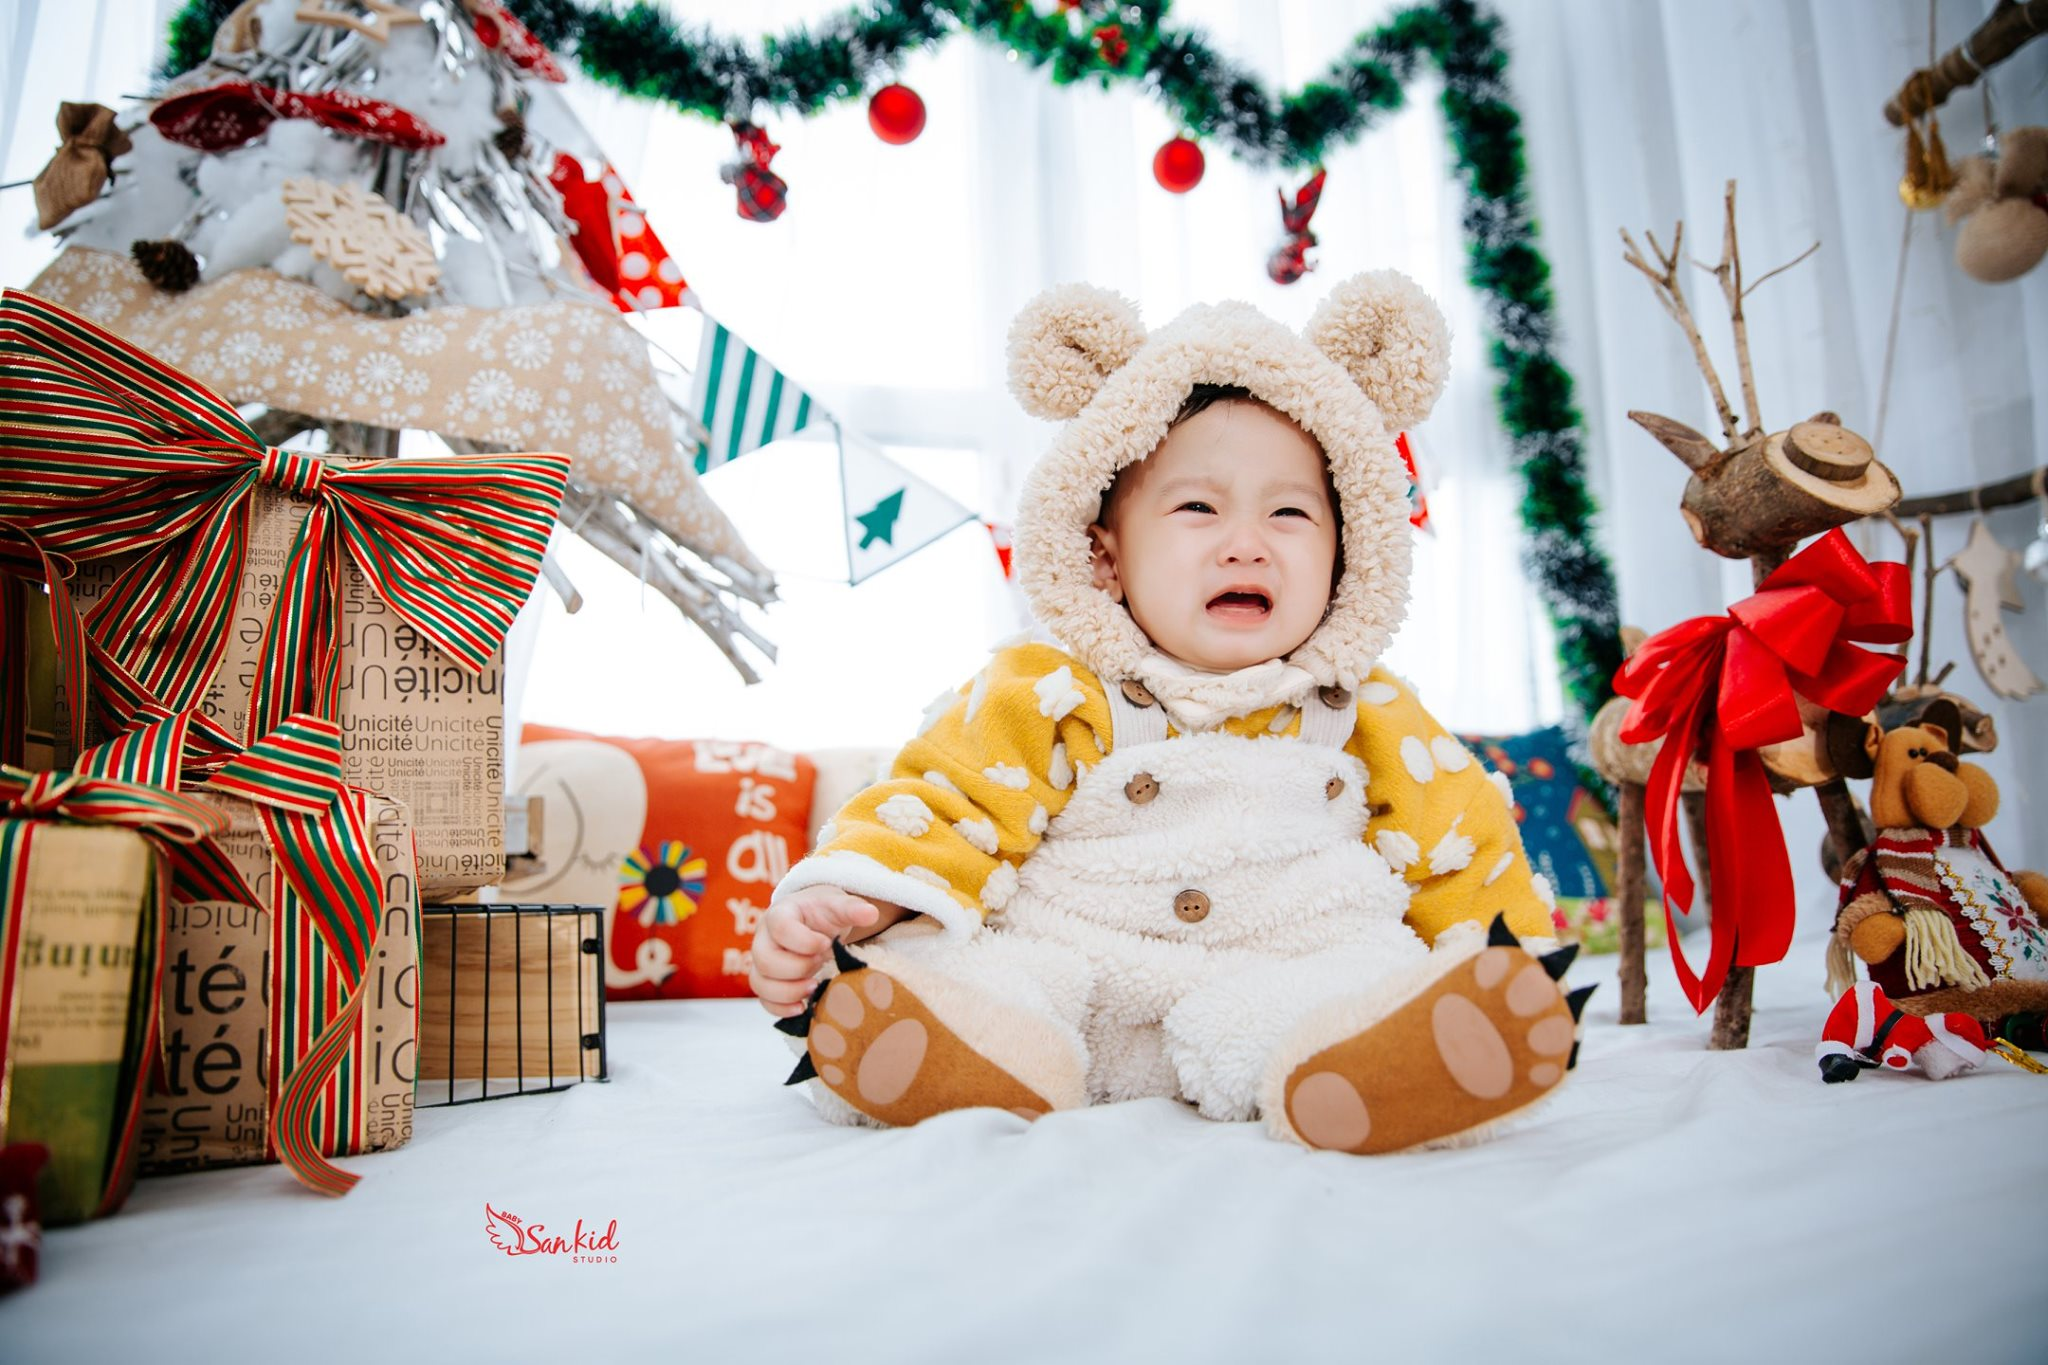 Ảnh đẹp bé yêu mùa Noel 4